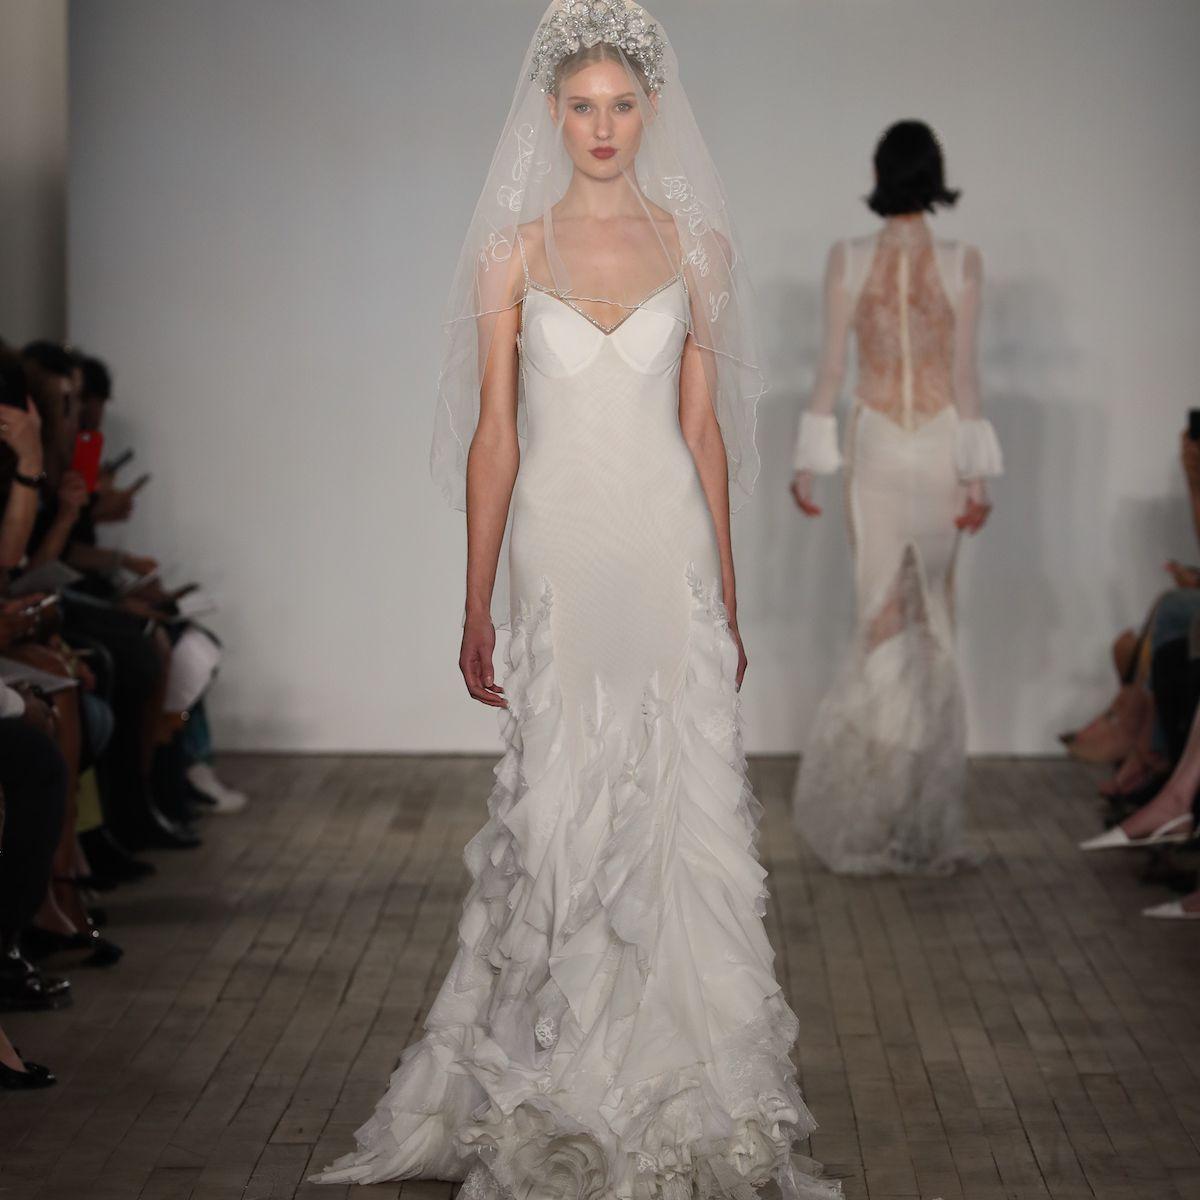 Model in cascading ruffle wedding dress